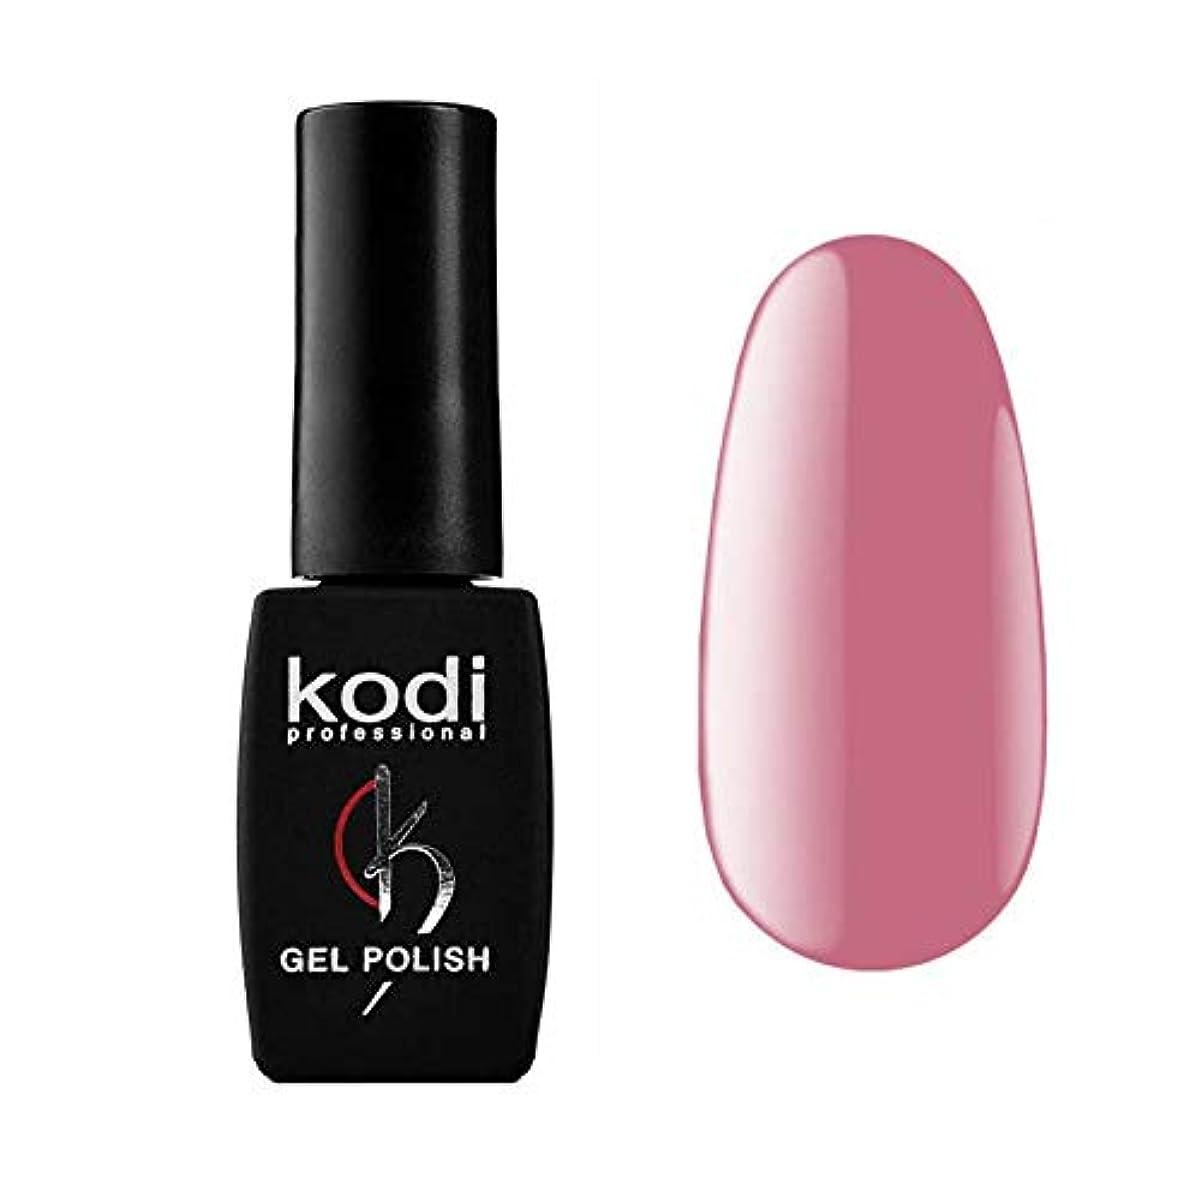 レタッチ間隔スポーツの試合を担当している人Kodi Professional New Collection P PINK #30 Color Gel Nail Polish 12ml 0.42 Fl Oz LED UV Genuine Soak Off